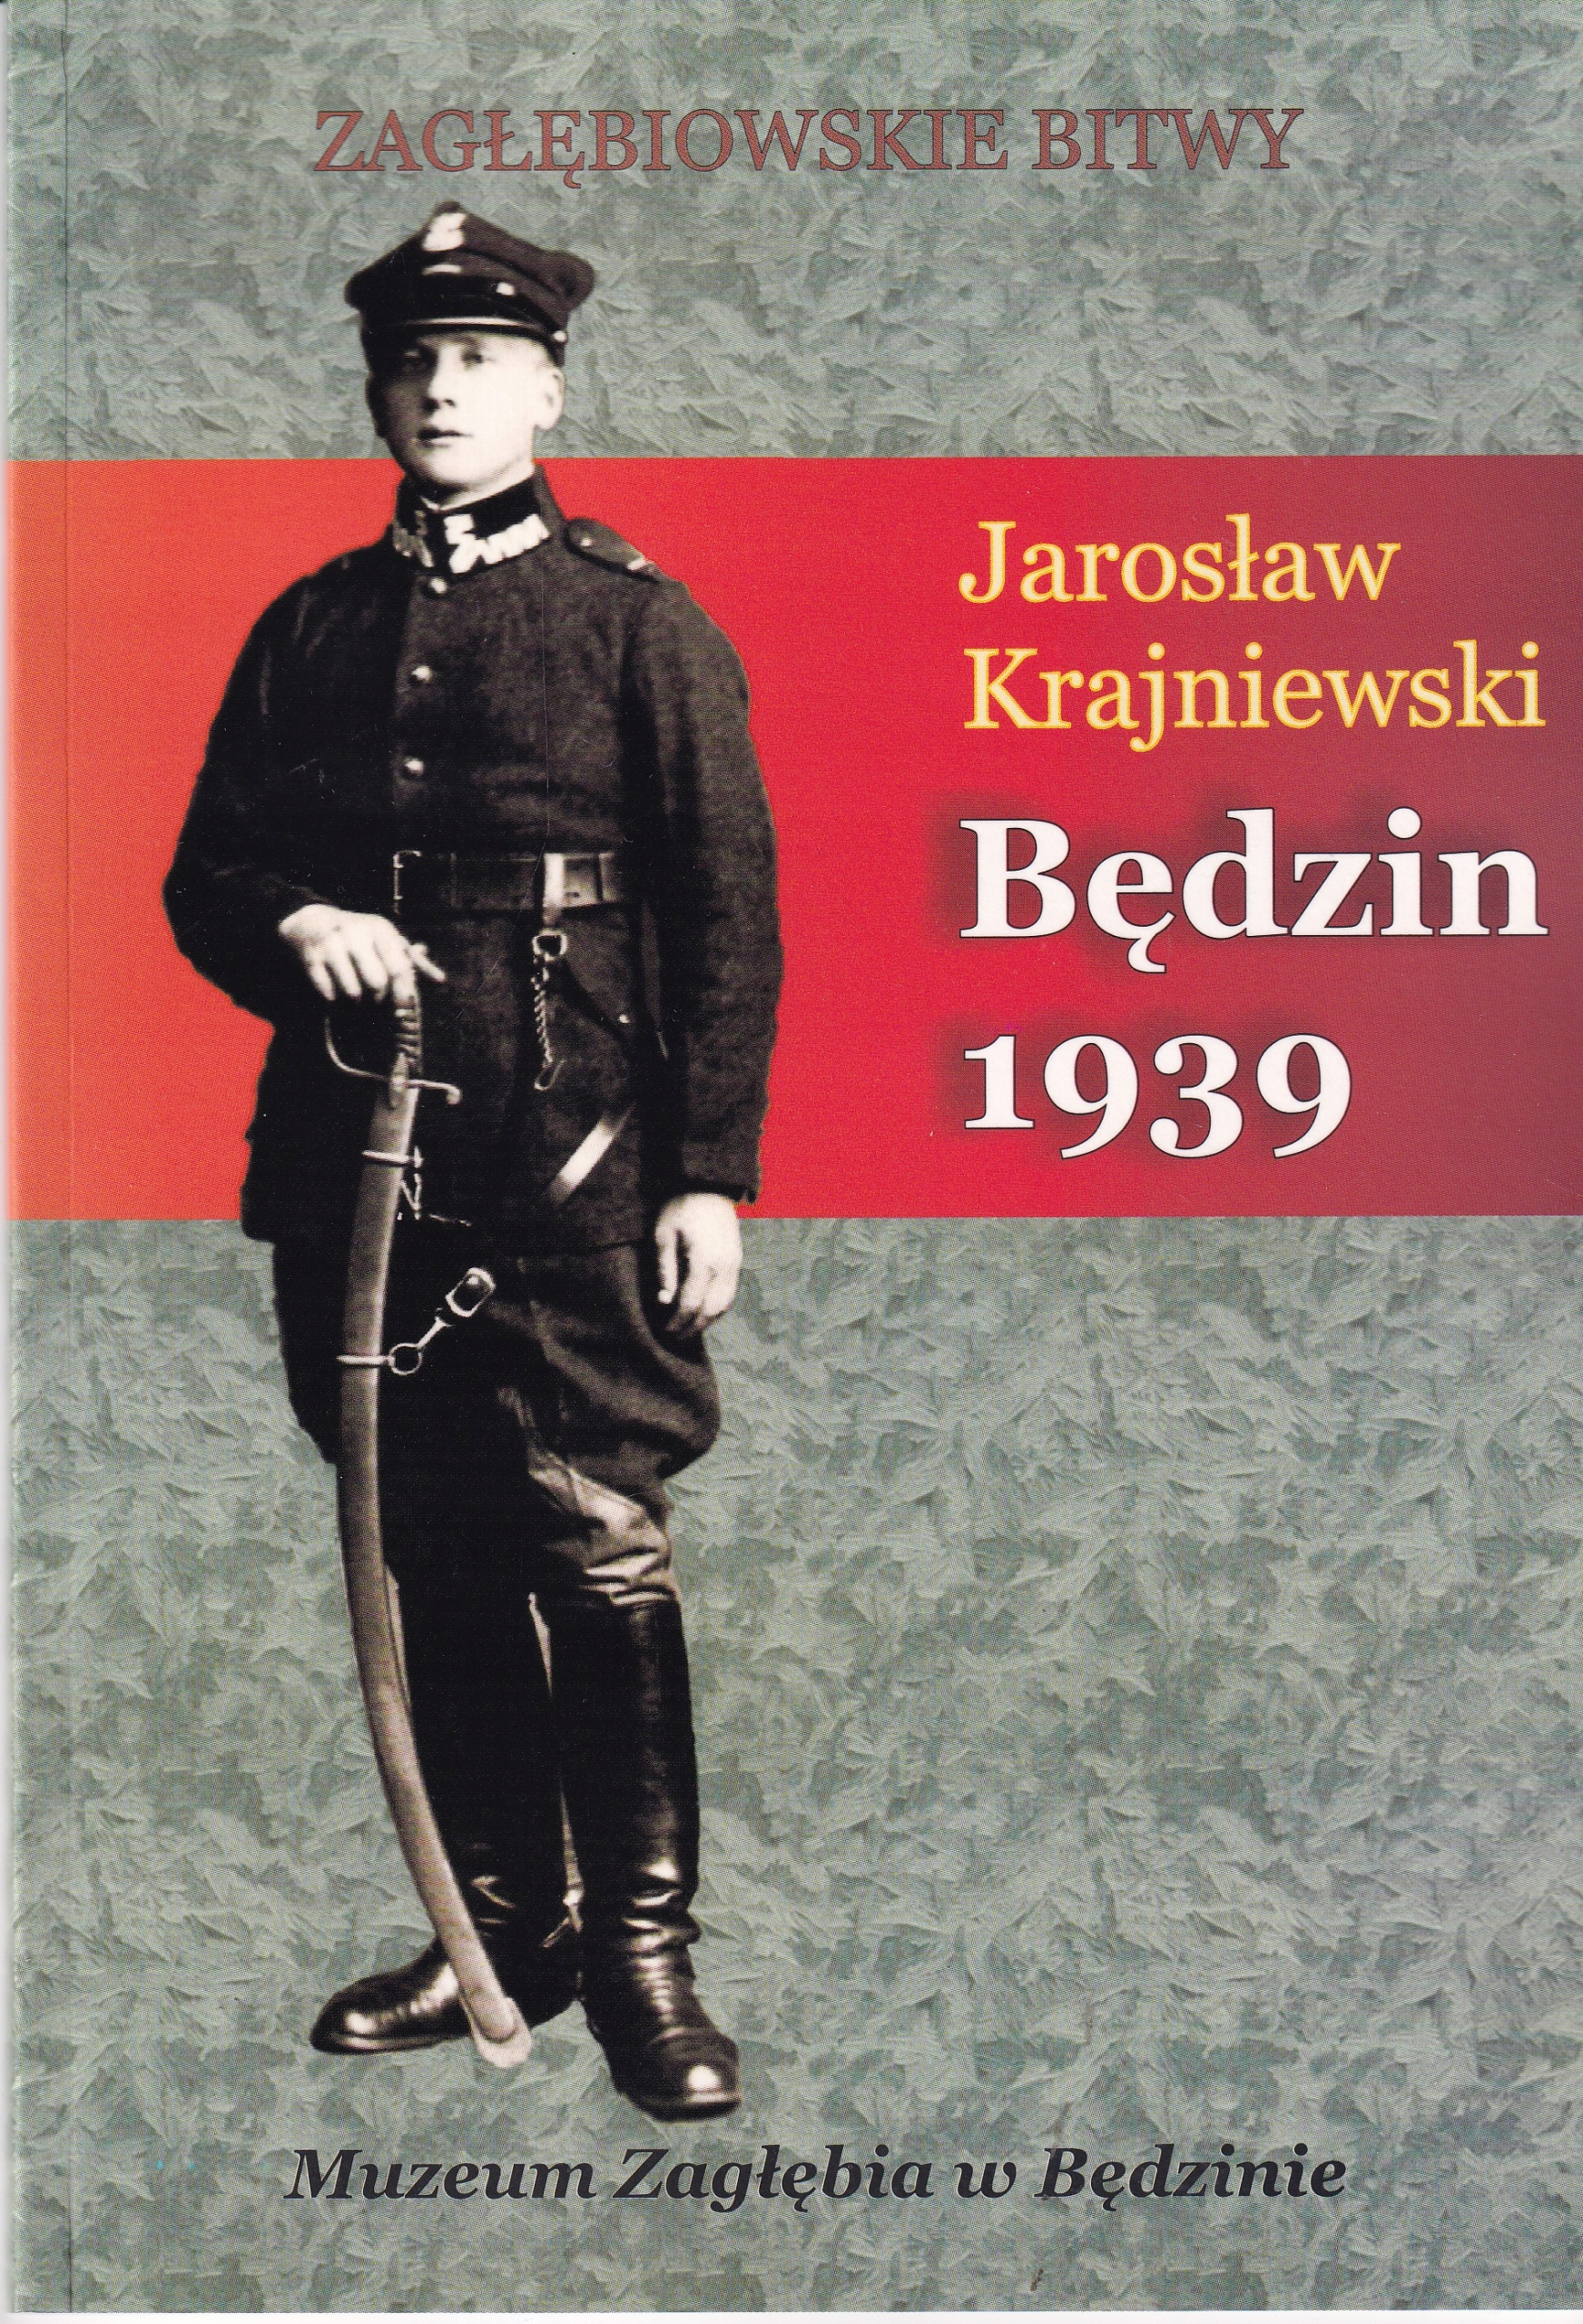 Бендзин Сентябрьская кампания 1939 г.